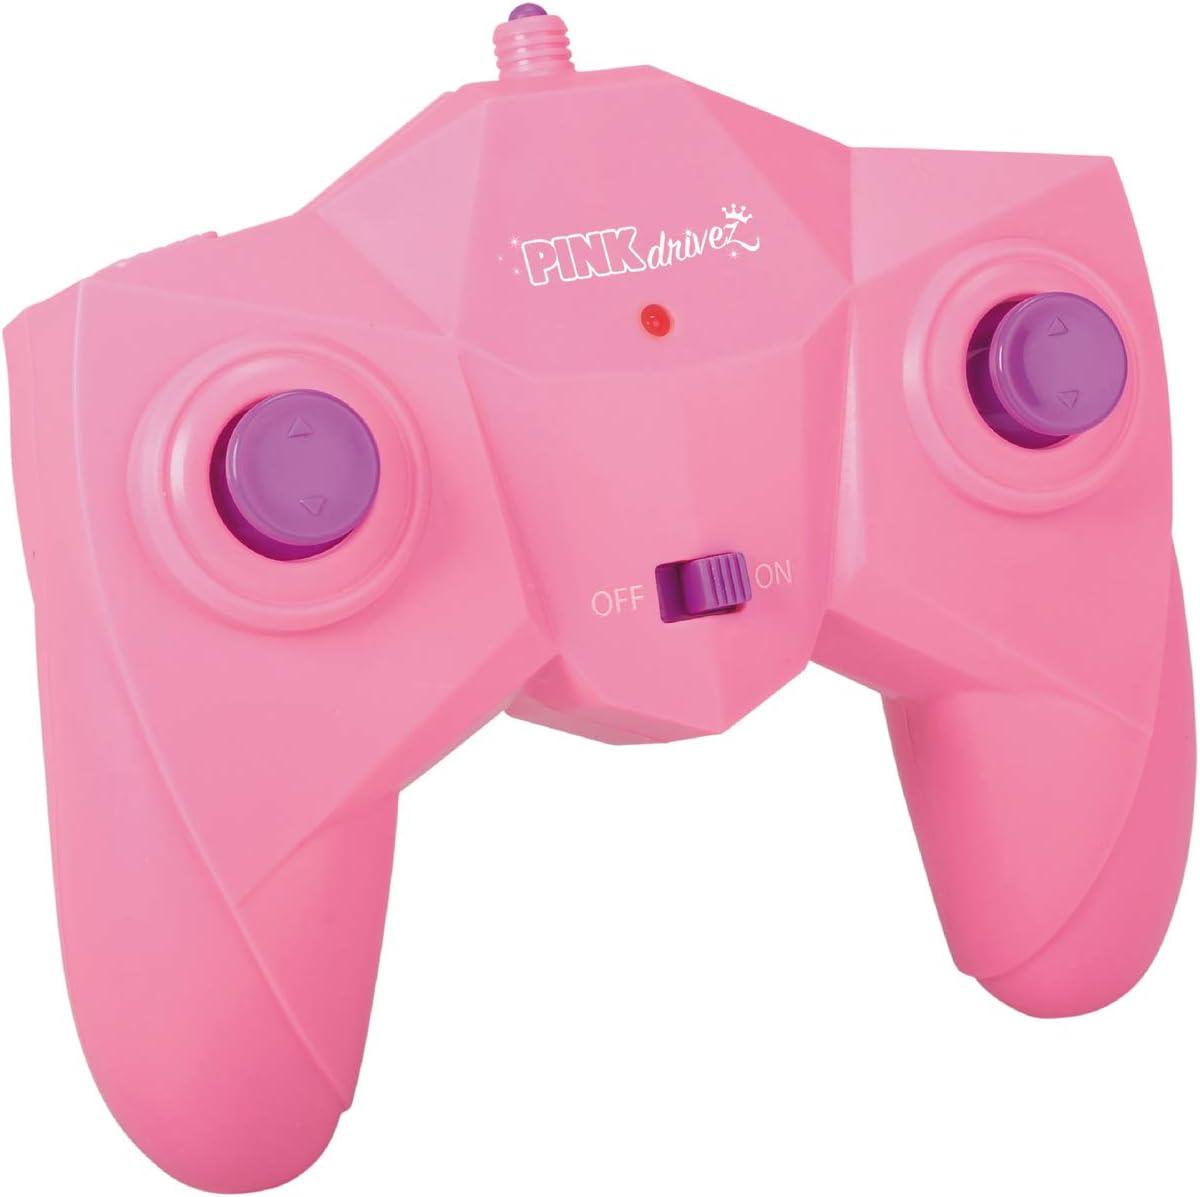 ab 6 Jahren pink//t/ürkis bis 8 km//h mit Fernbedienung Dickie Toys Pink Drivez RC Candy Flippy Rotations- und Flip-Funktion ferngesteuertes Spielzeugauto f/ür Jungen und M/ädchen 28 cm beleuchtet